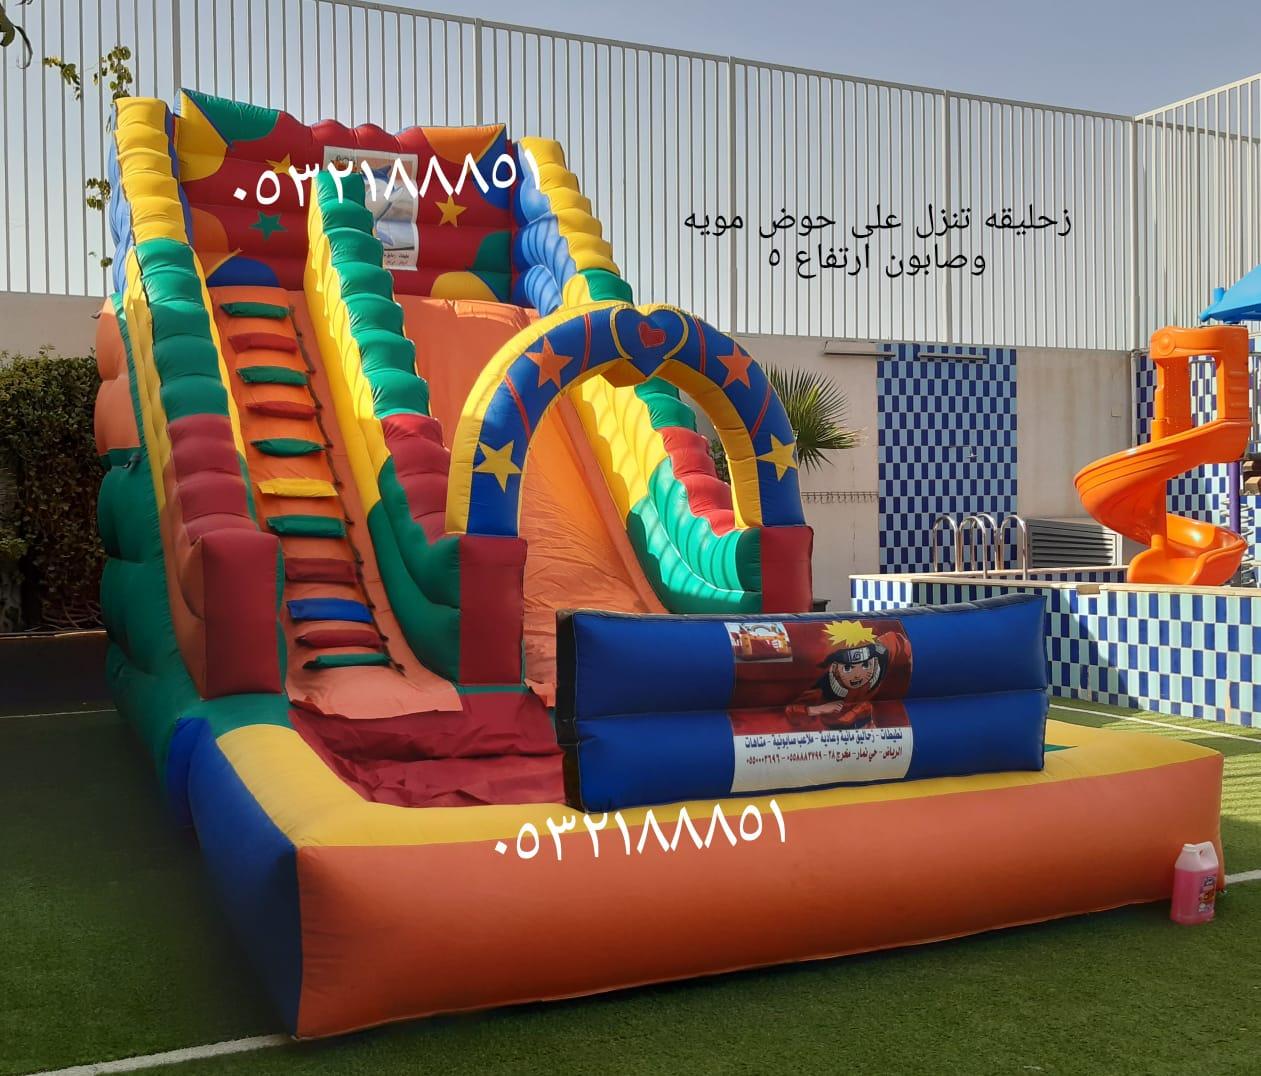 PARTY RIYADH  تأجير ألعاب هوائيه مع التوصيل و التركيب 0531022020 P_17173a7hz4